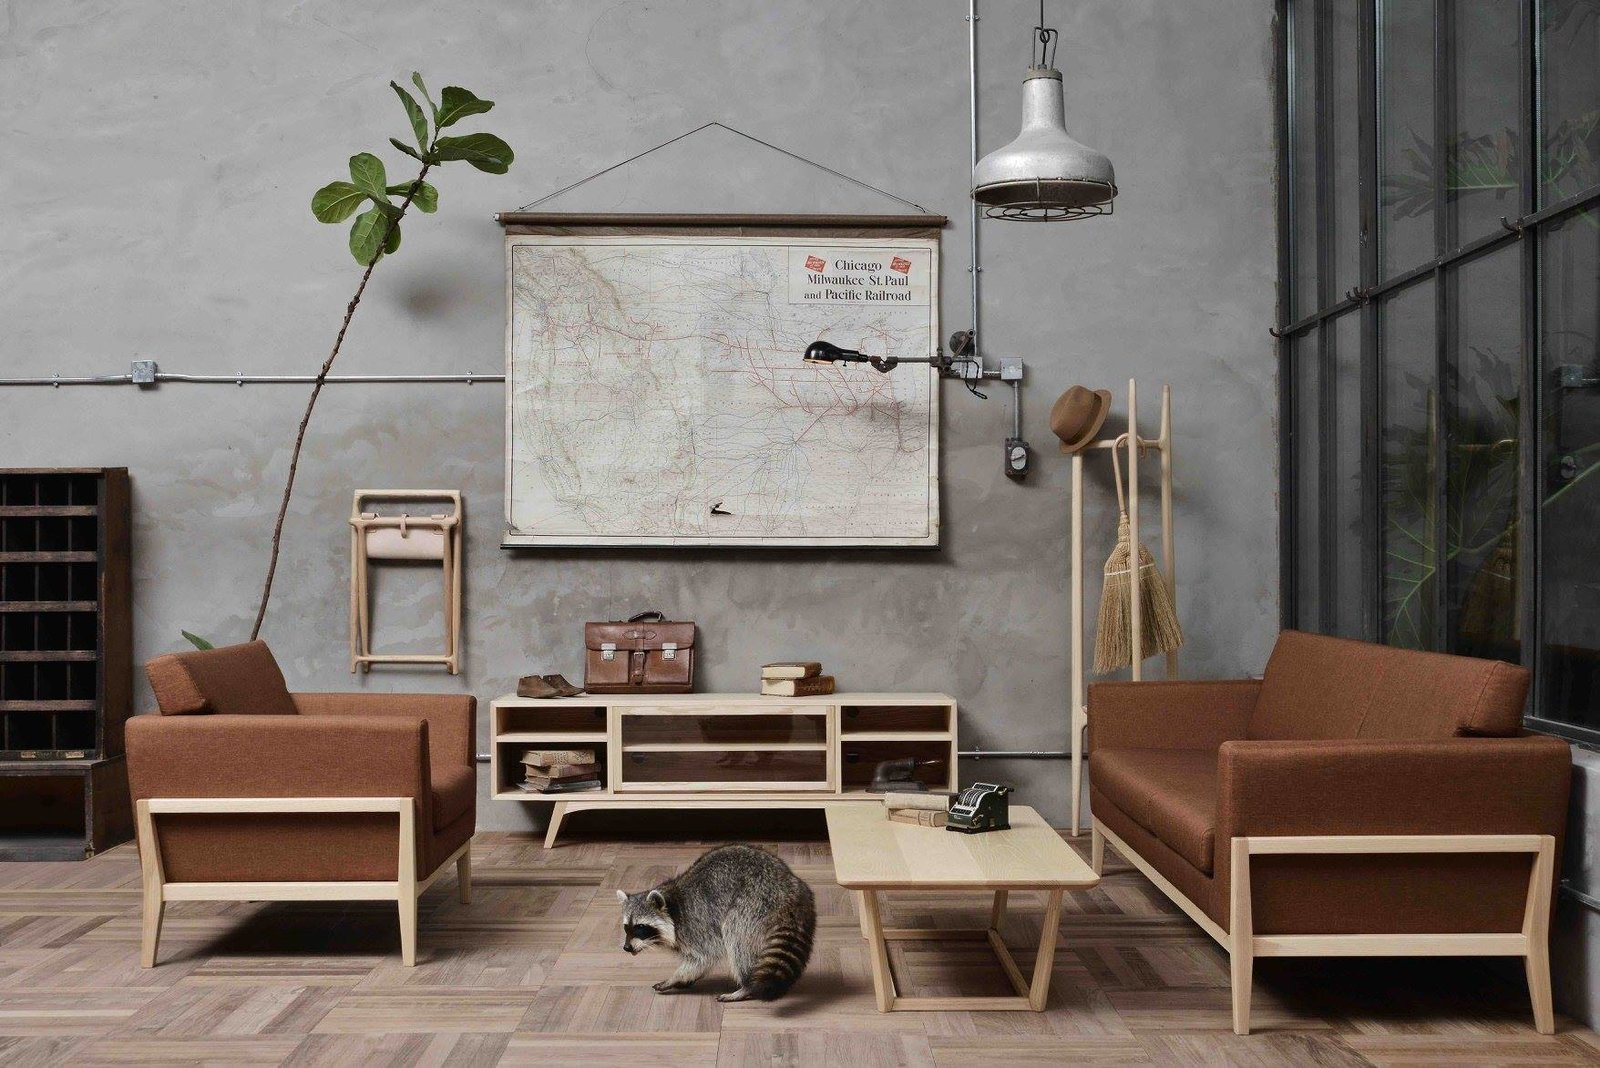 Fnji Furniture - Photo 1 of 6